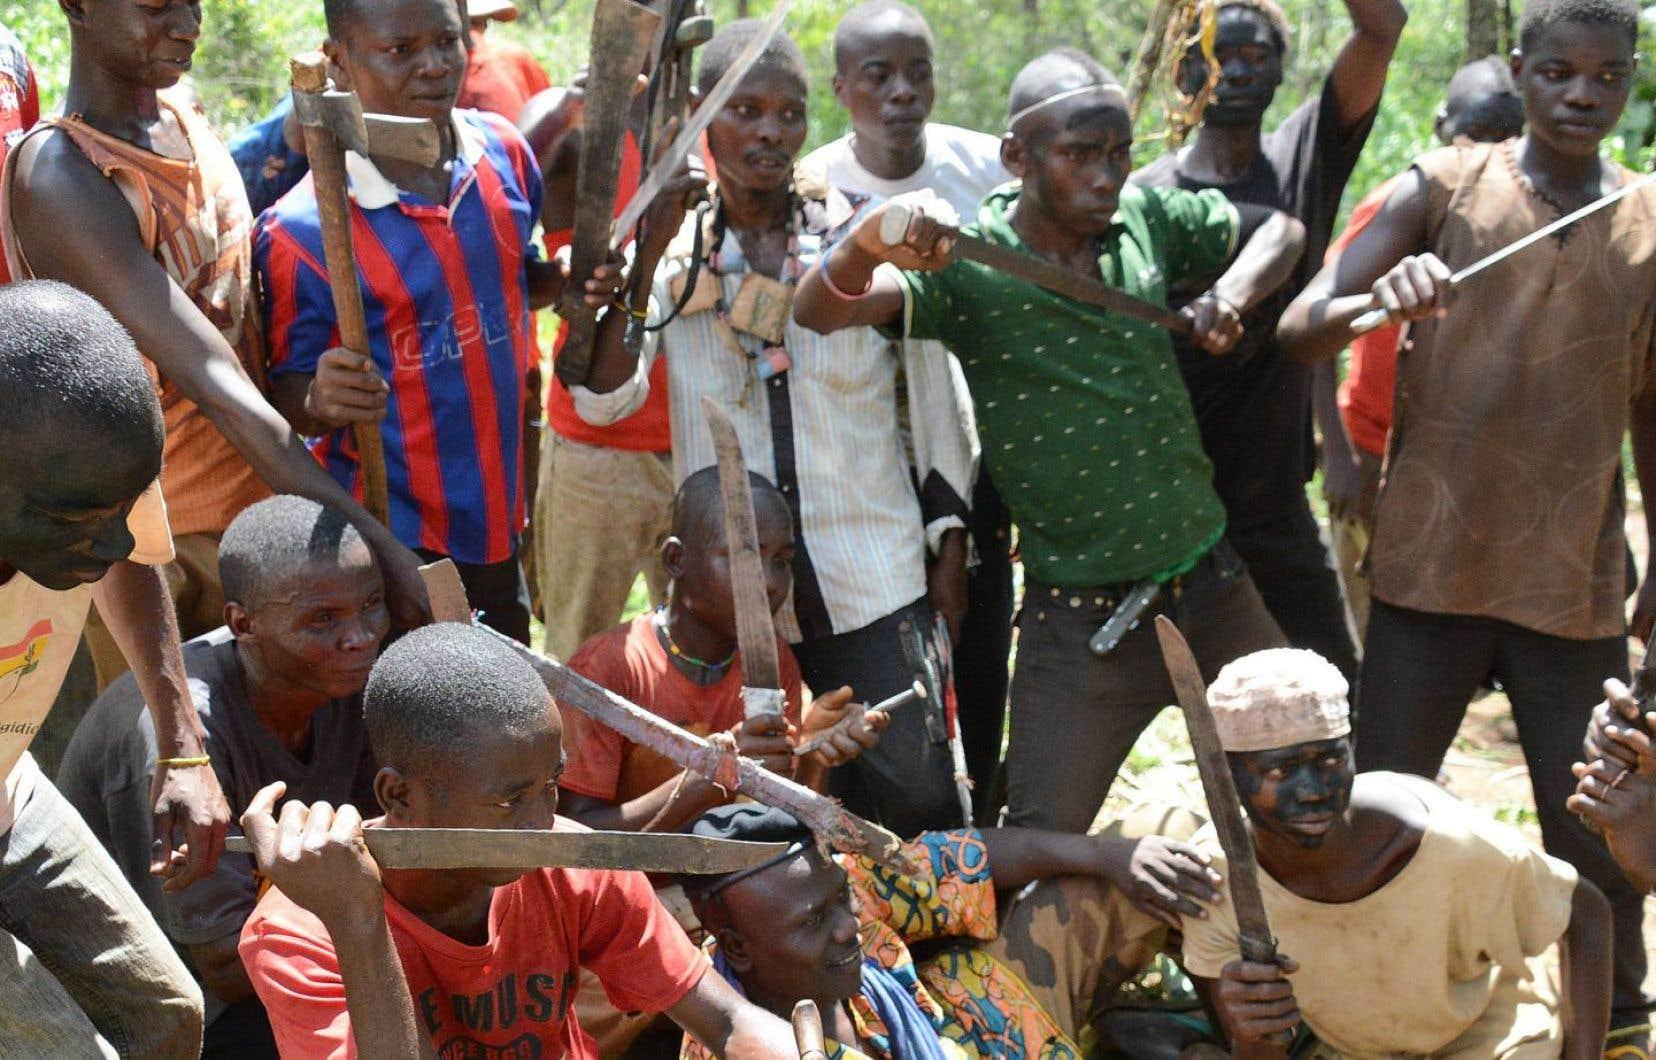 La Centrafrique a basculé dans les massacres de masse en 2013 avec le renversement du président Bozizé par l'ex-Séléka, entraînant une contre-offensive des anti-Balakas.